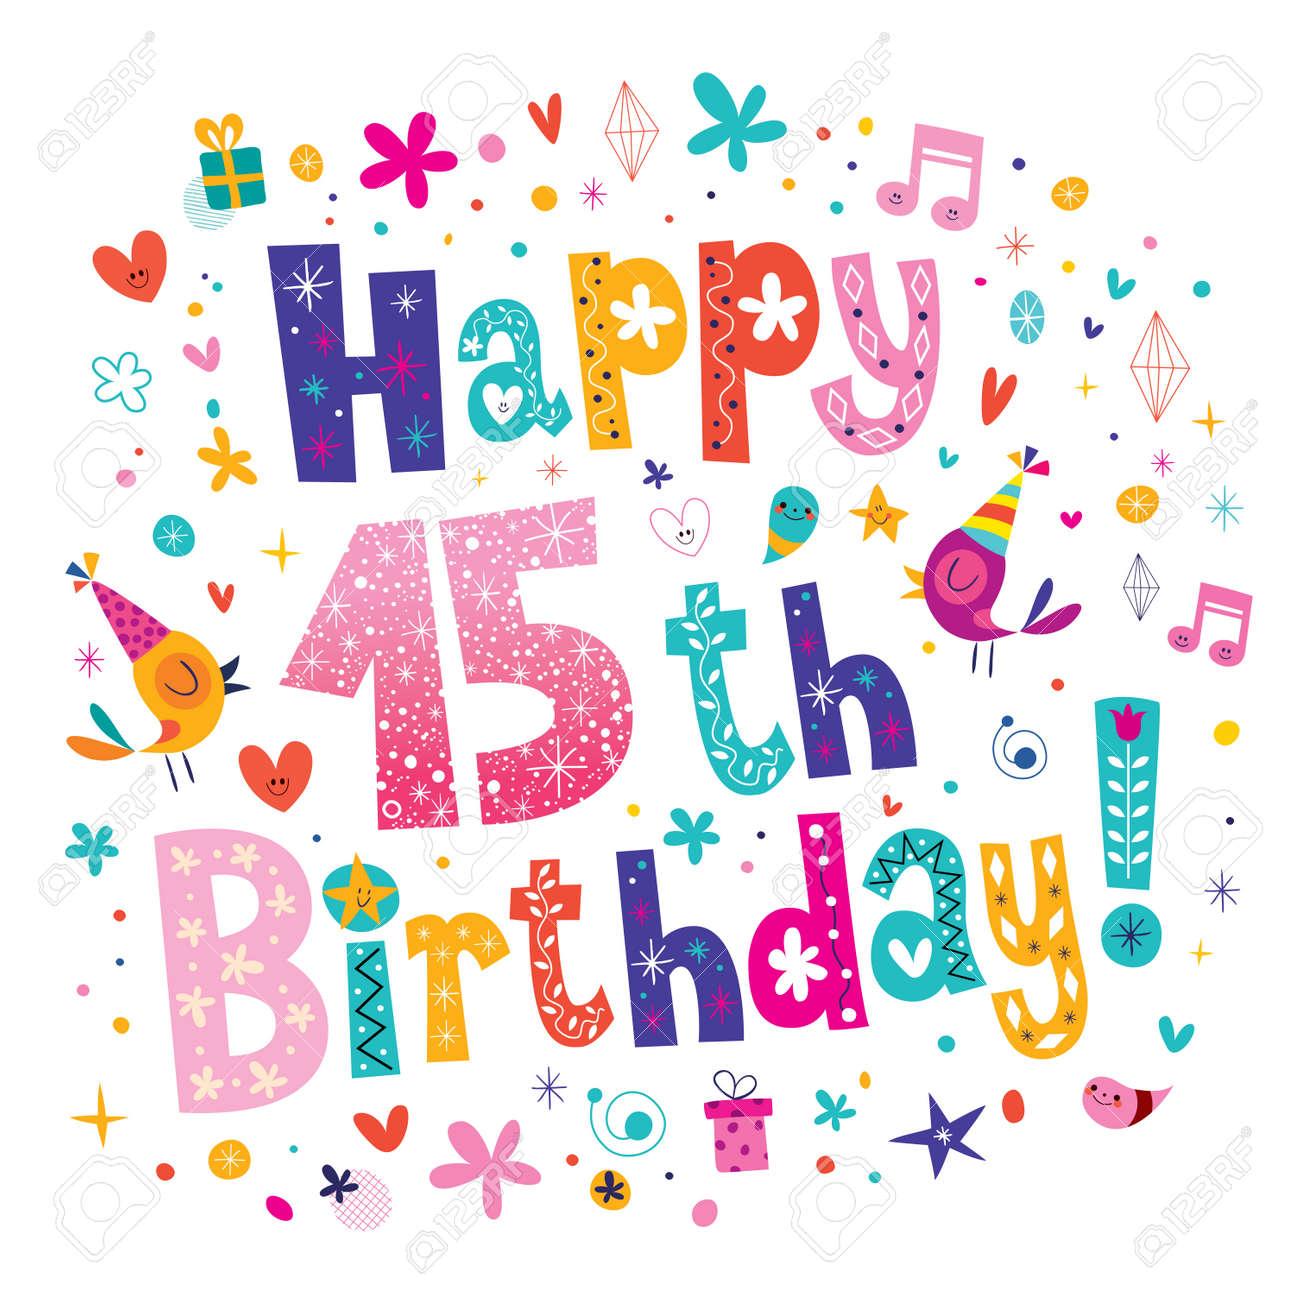 Vettoriale Auguri Di Buon Compleanno 15 Image 62743361